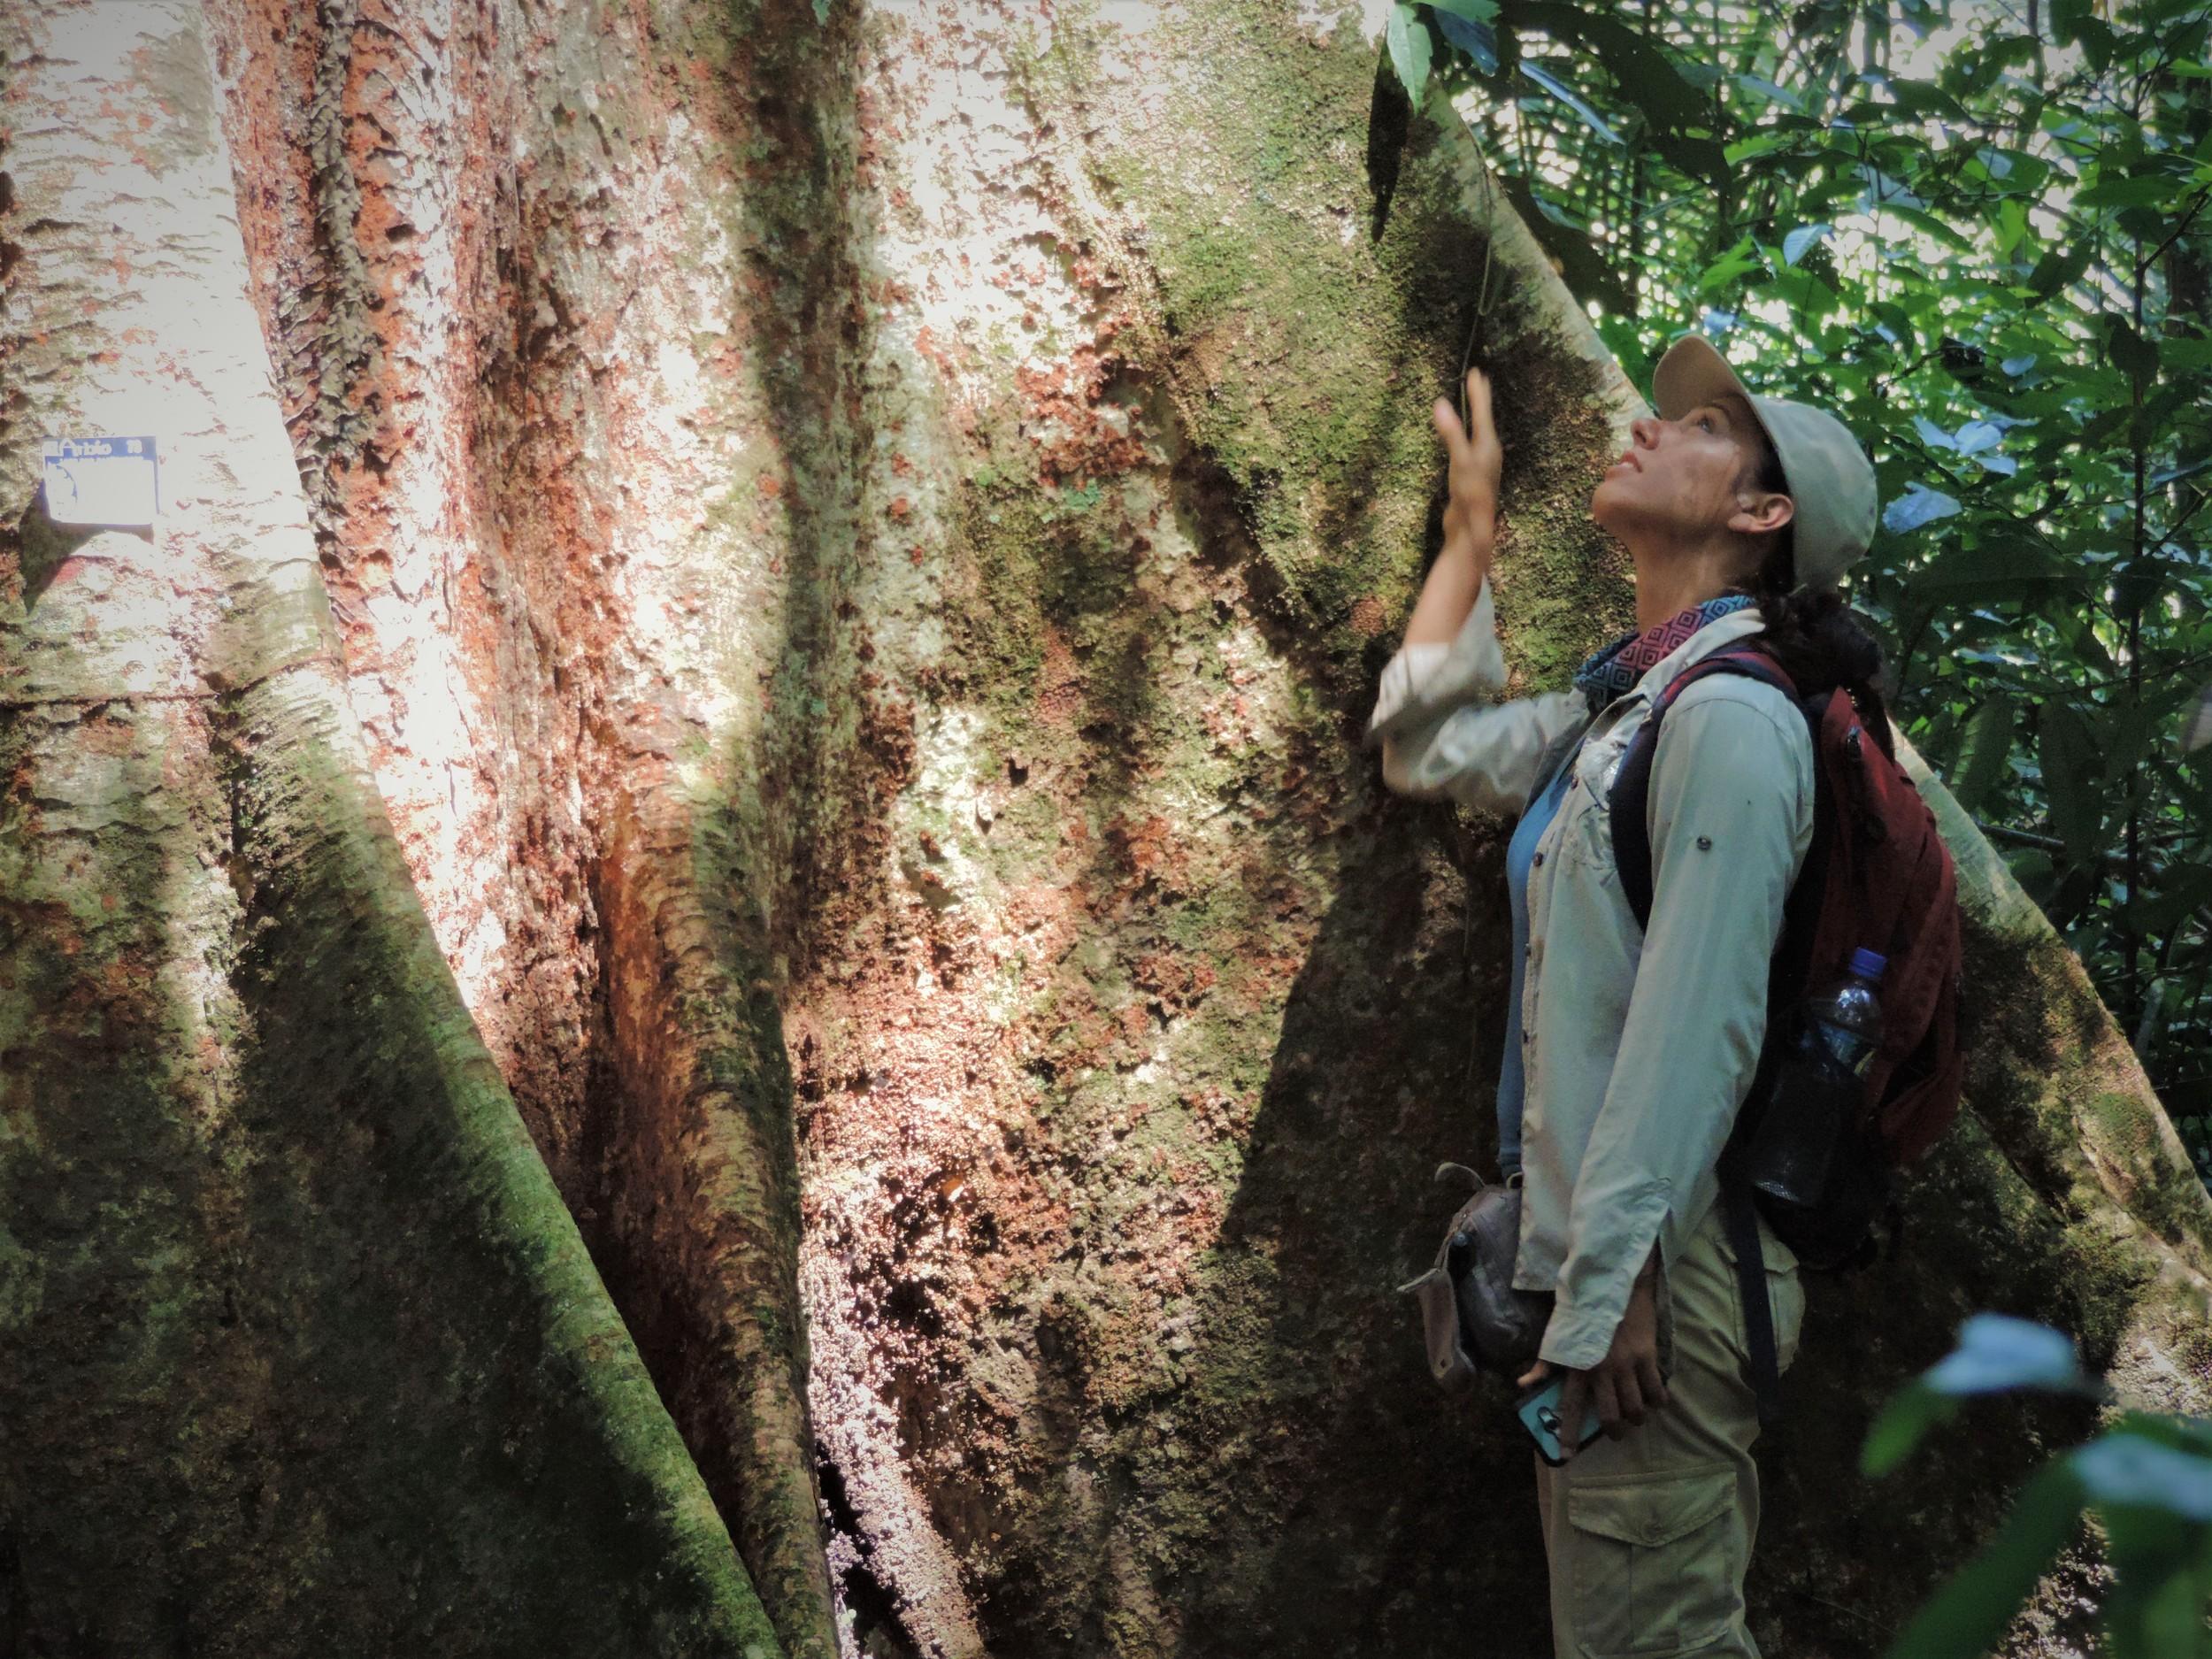 La ingeniera forestal Tatiana Espinosa lidera el proyecto Arbio Perú, una propuesta de conservación de bosque en la Amazonía peruana que le ha valido el reconocimiento del Jane Goodall Hope and Inspiration Ranger Award. Foto: Arbio Perú